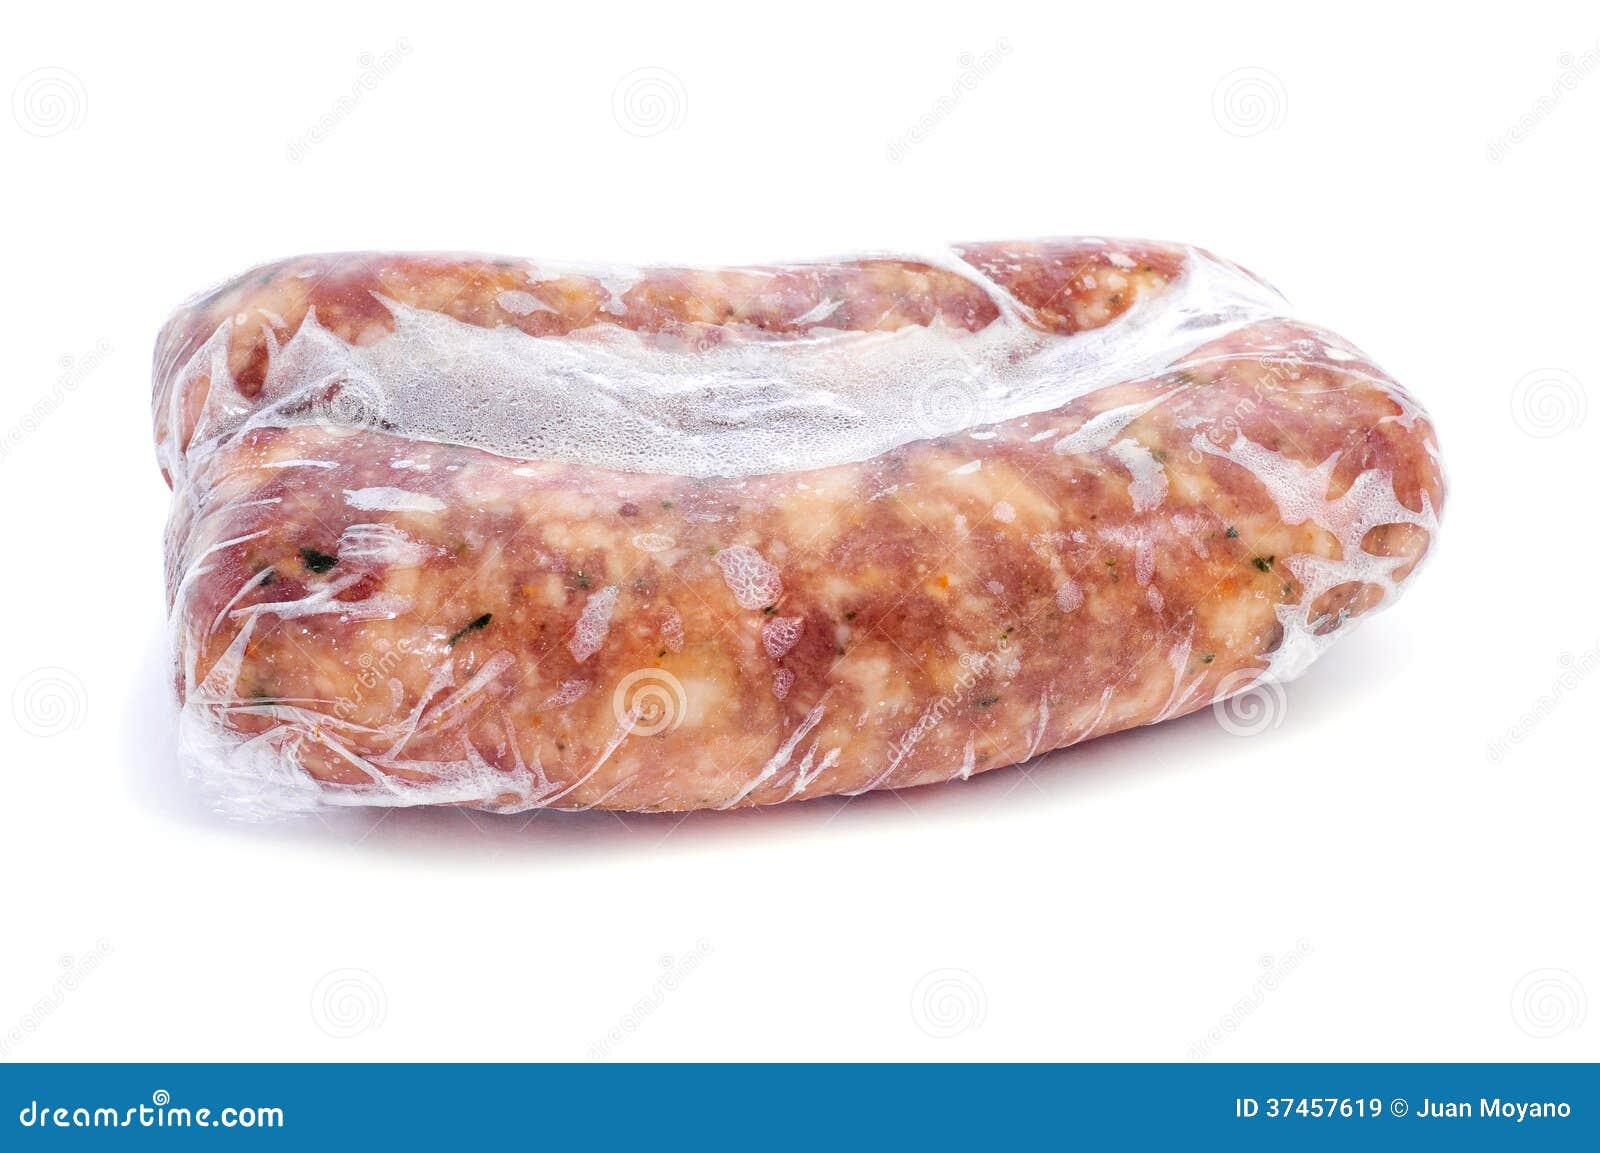 冷冻加香料的猪肉香肠